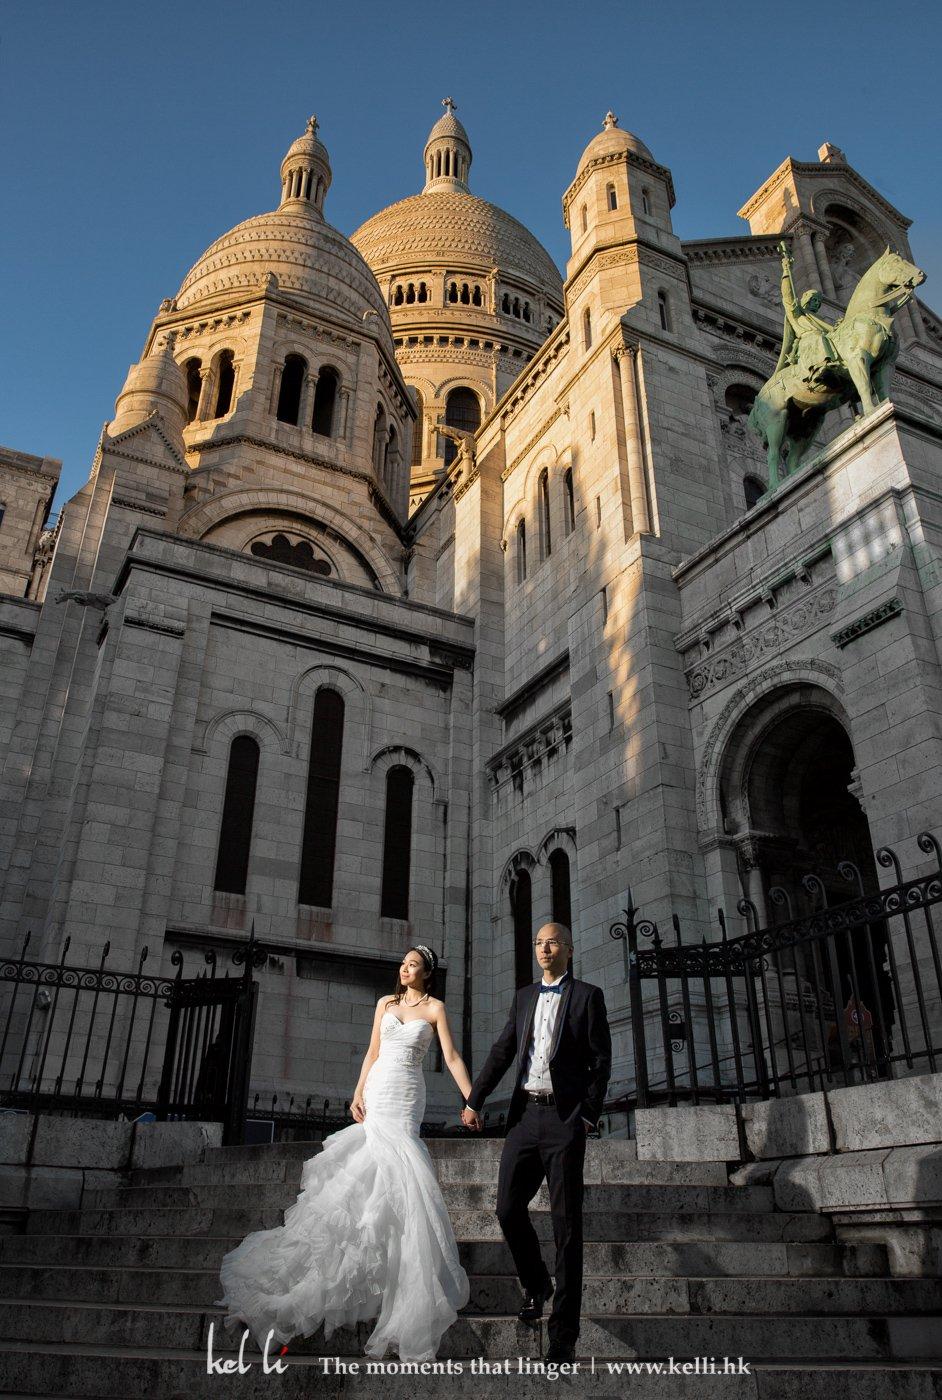 巴黎聖心聖殿是其中一個熱門的婚紗拍照地